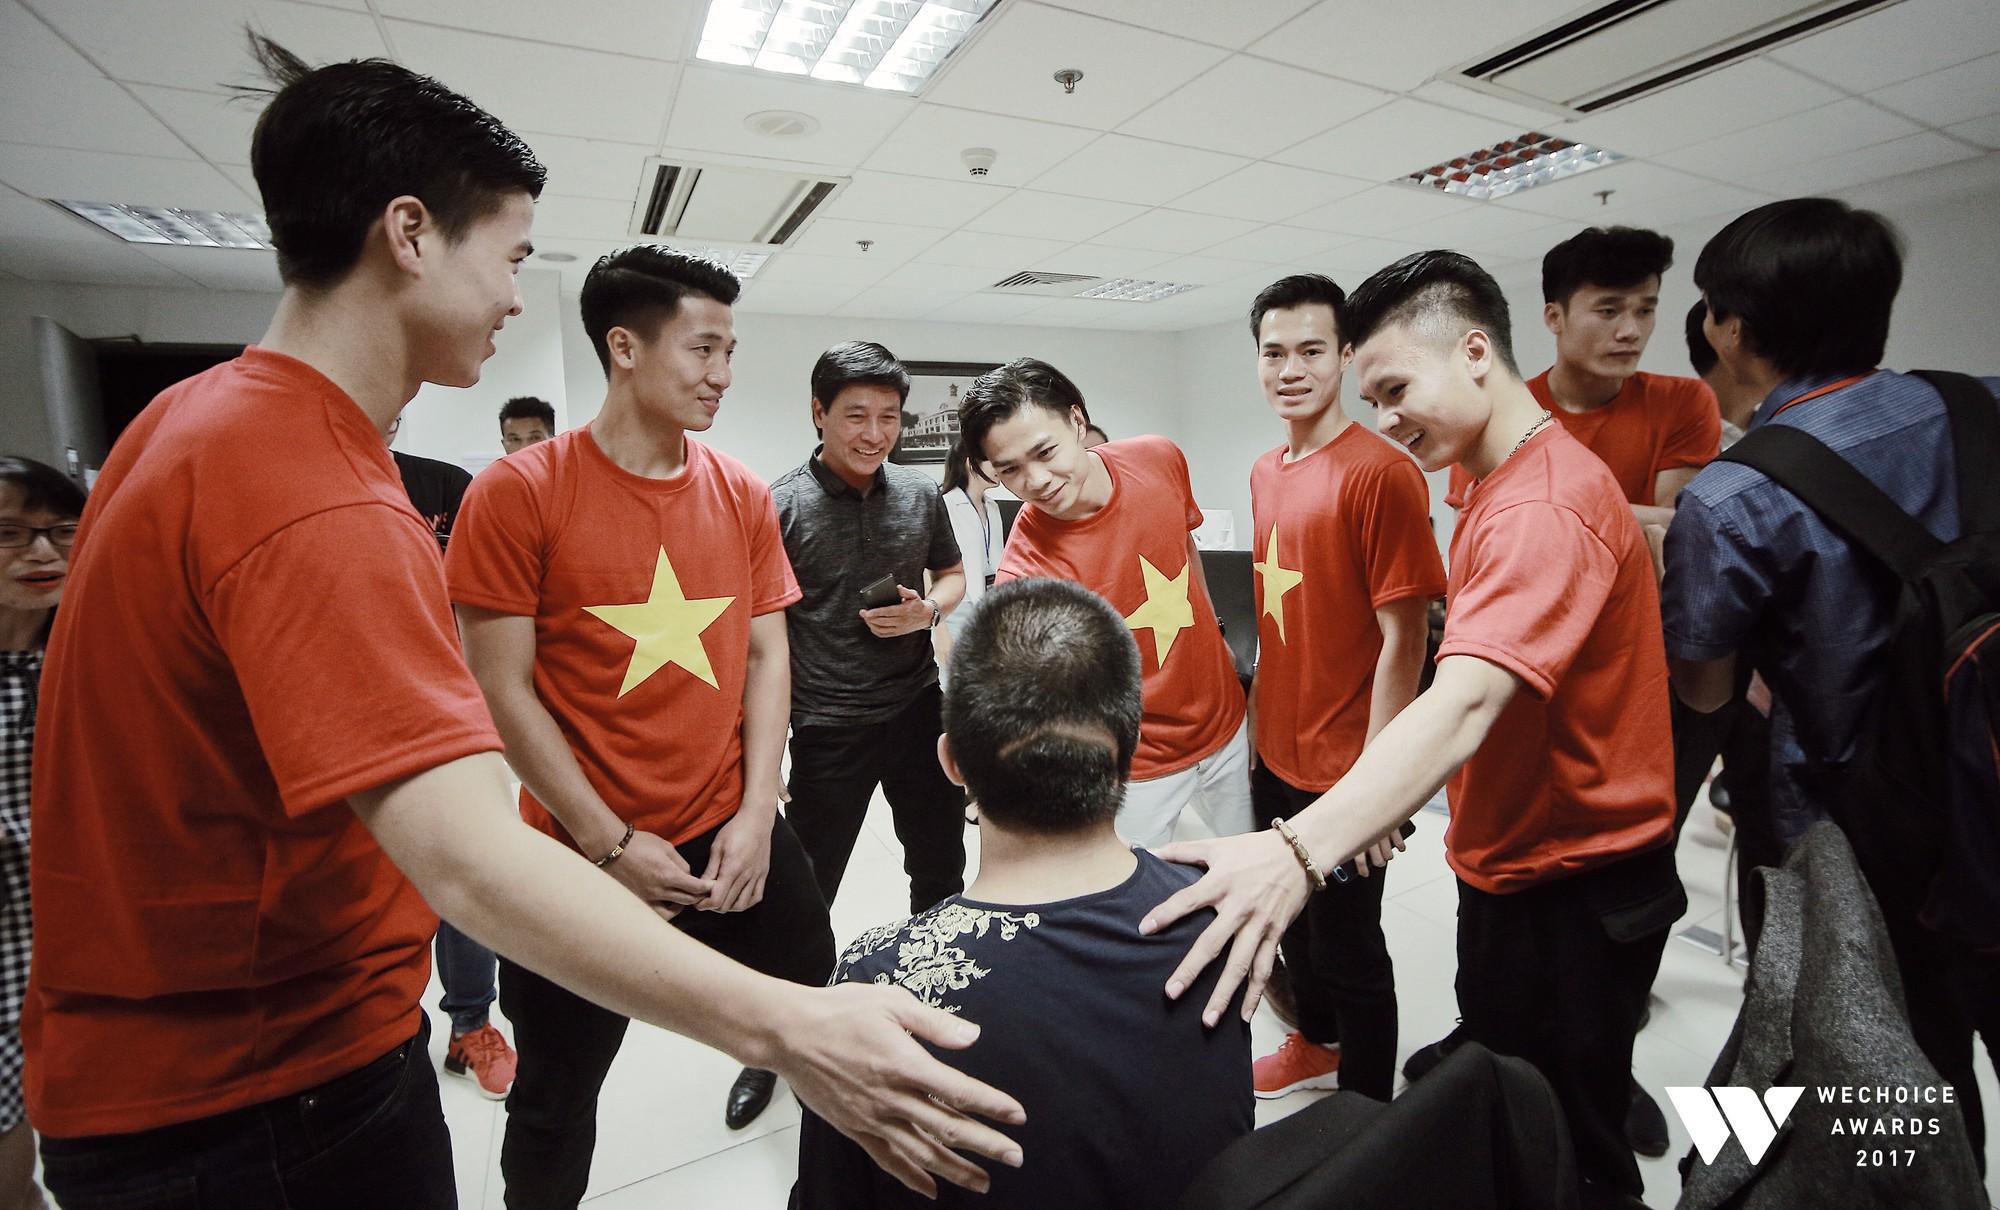 Bé Bôm hạnh phúc, cười khoái chí khi được chụp ảnh cùng 6 tuyển thủ của U23 Việt Nam 1